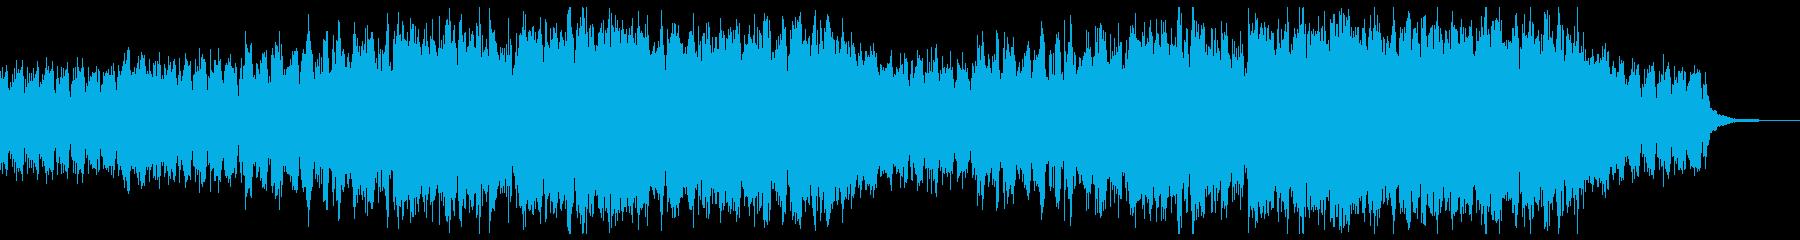 静かに始まる上品なピアノストリングスの再生済みの波形